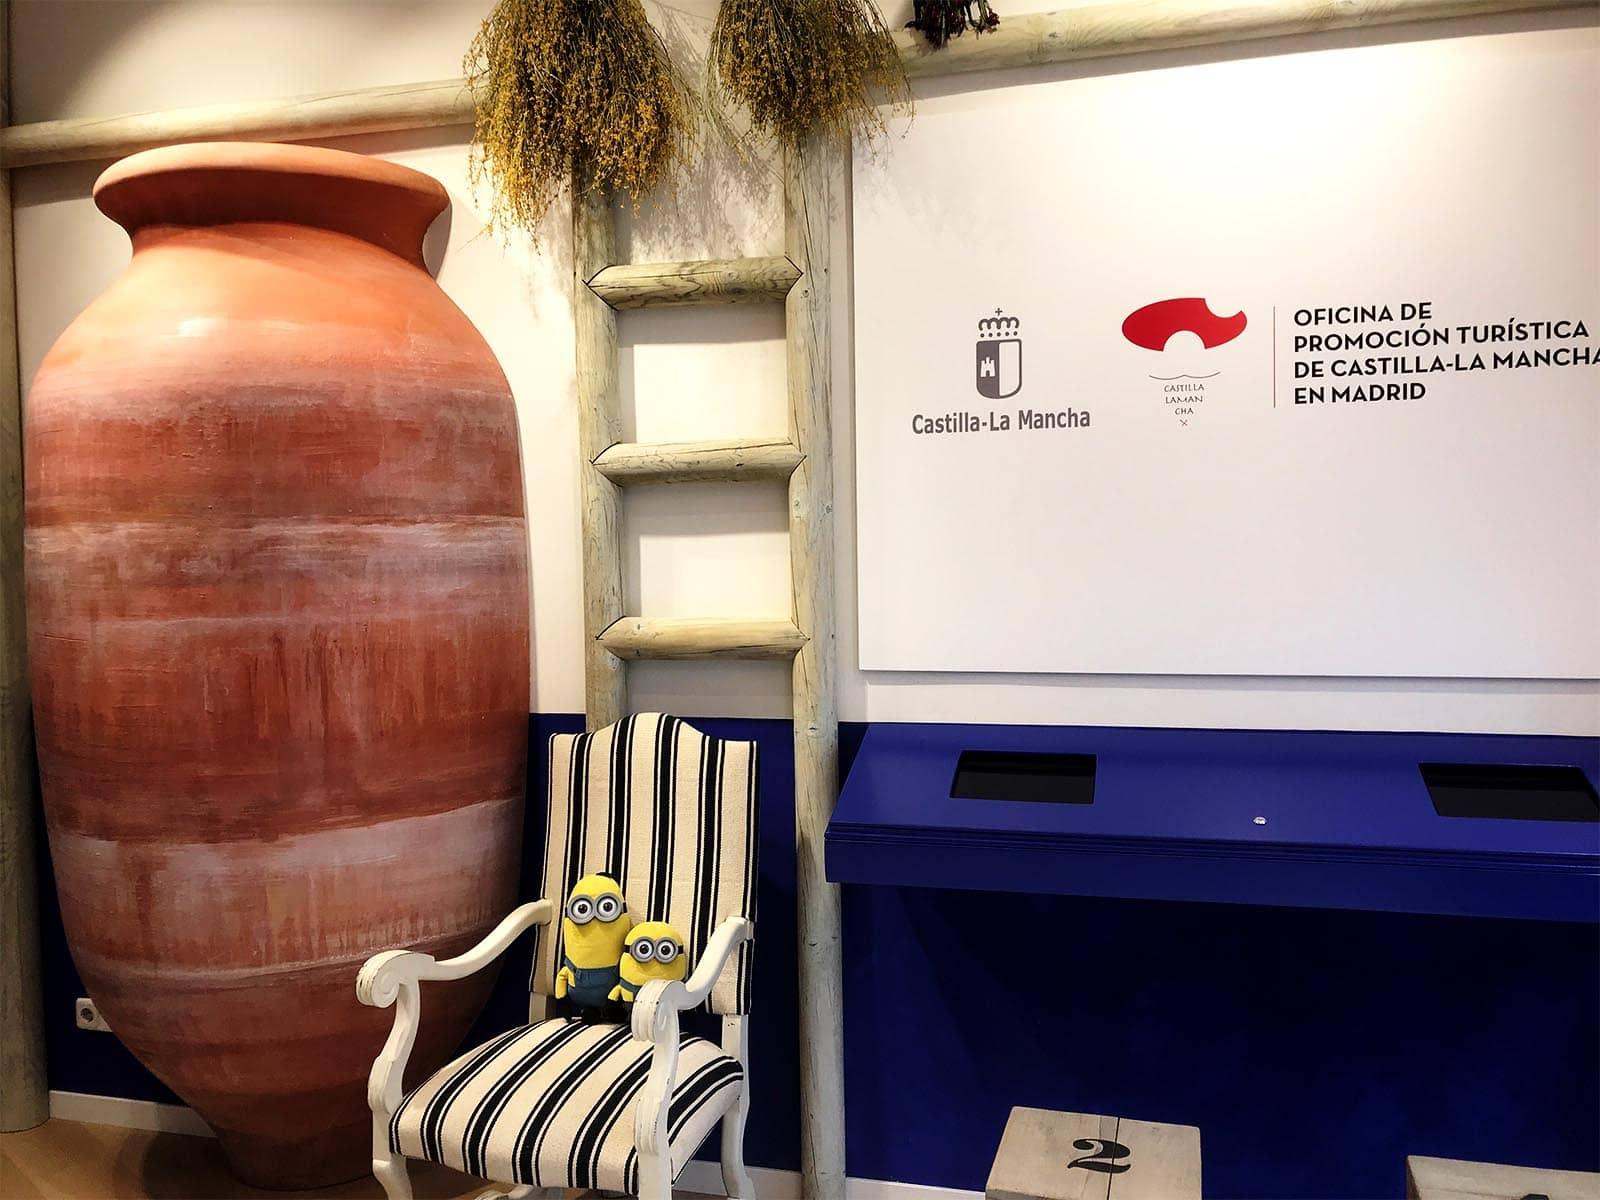 2 Minions preparados para descubrir la Oficina de Turismo de Castilla-La Mancha en Madrid